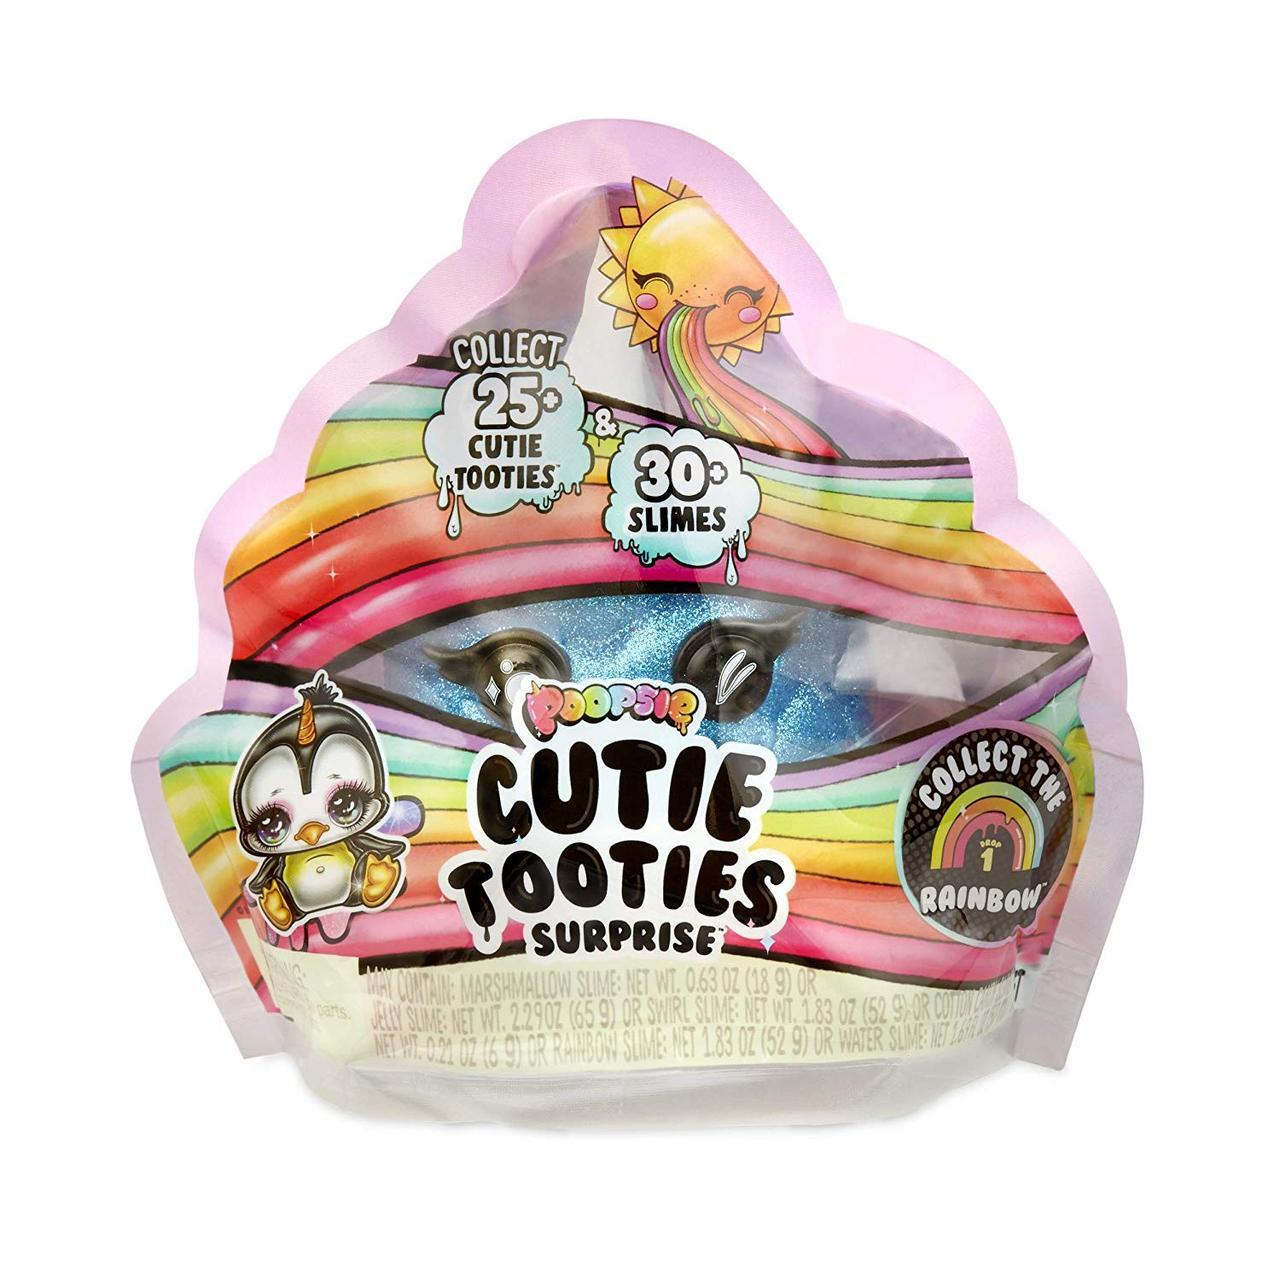 Игровой набор ЧУДО-СЮРПРИЗ W2 (со слаймом)Poopsie Cutie Tooties Slime & Mystery Character  MGA